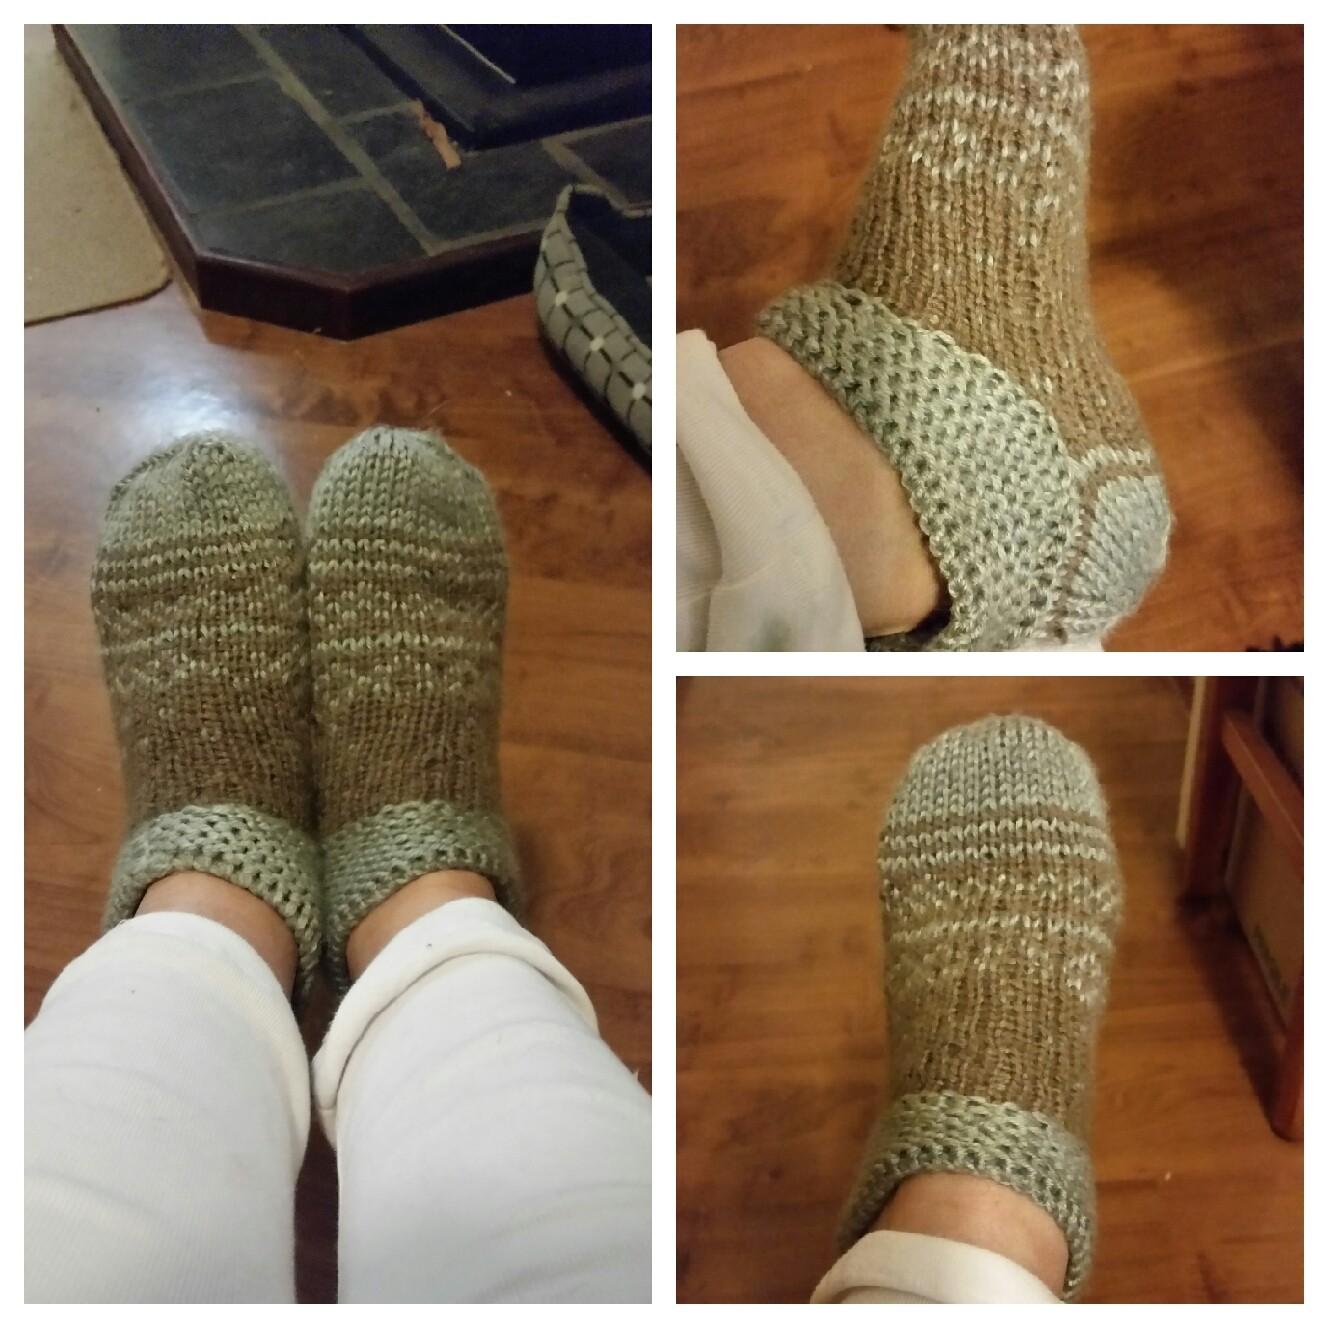 Selfoss slippers